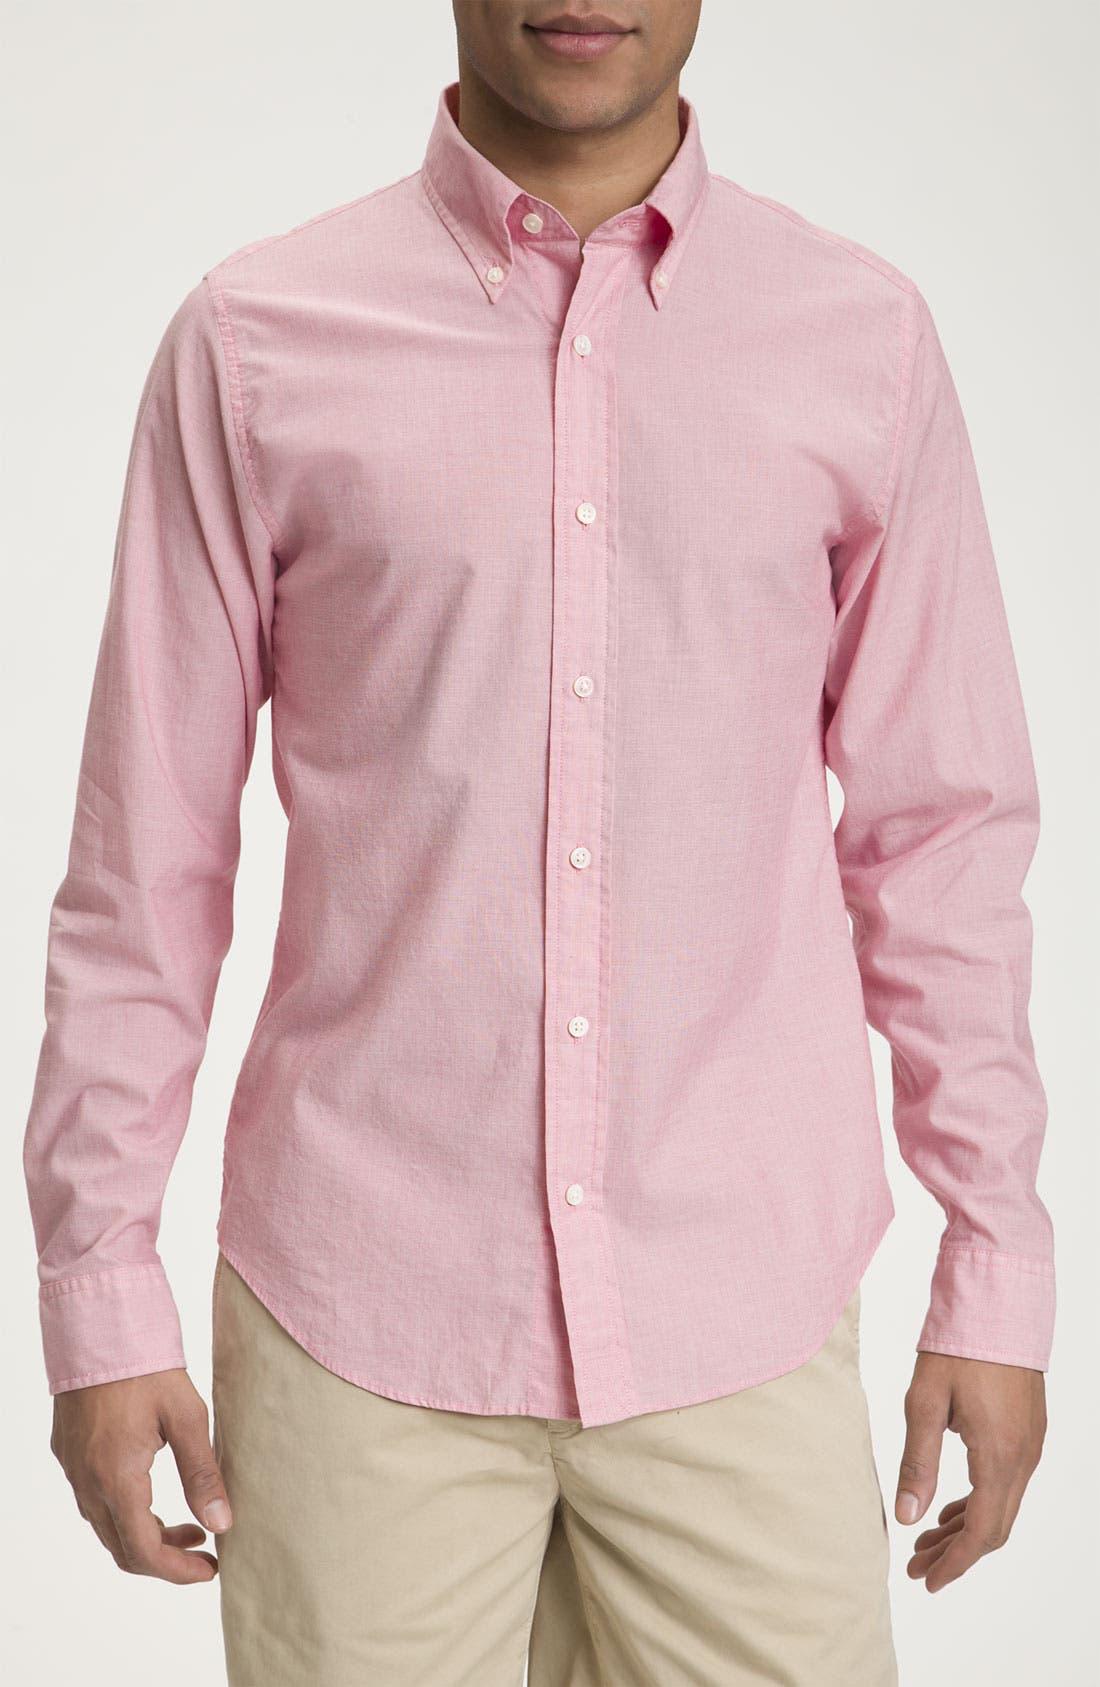 Main Image - Jack Spade 'Hawes' Woven Shirt